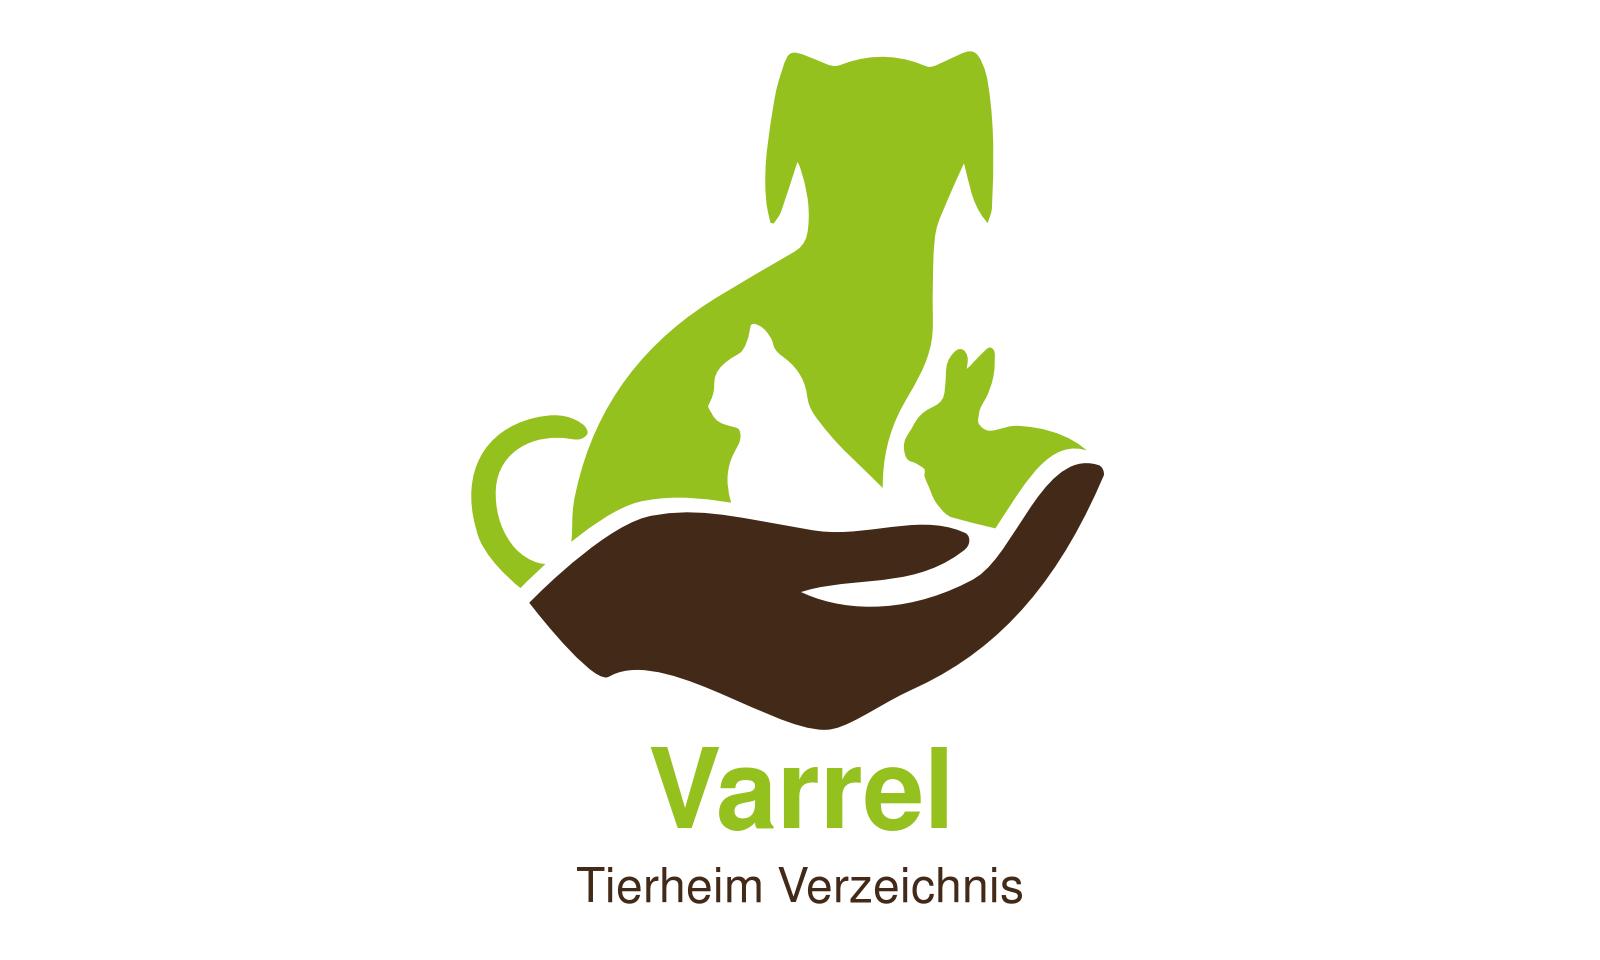 Tierheim Varrel